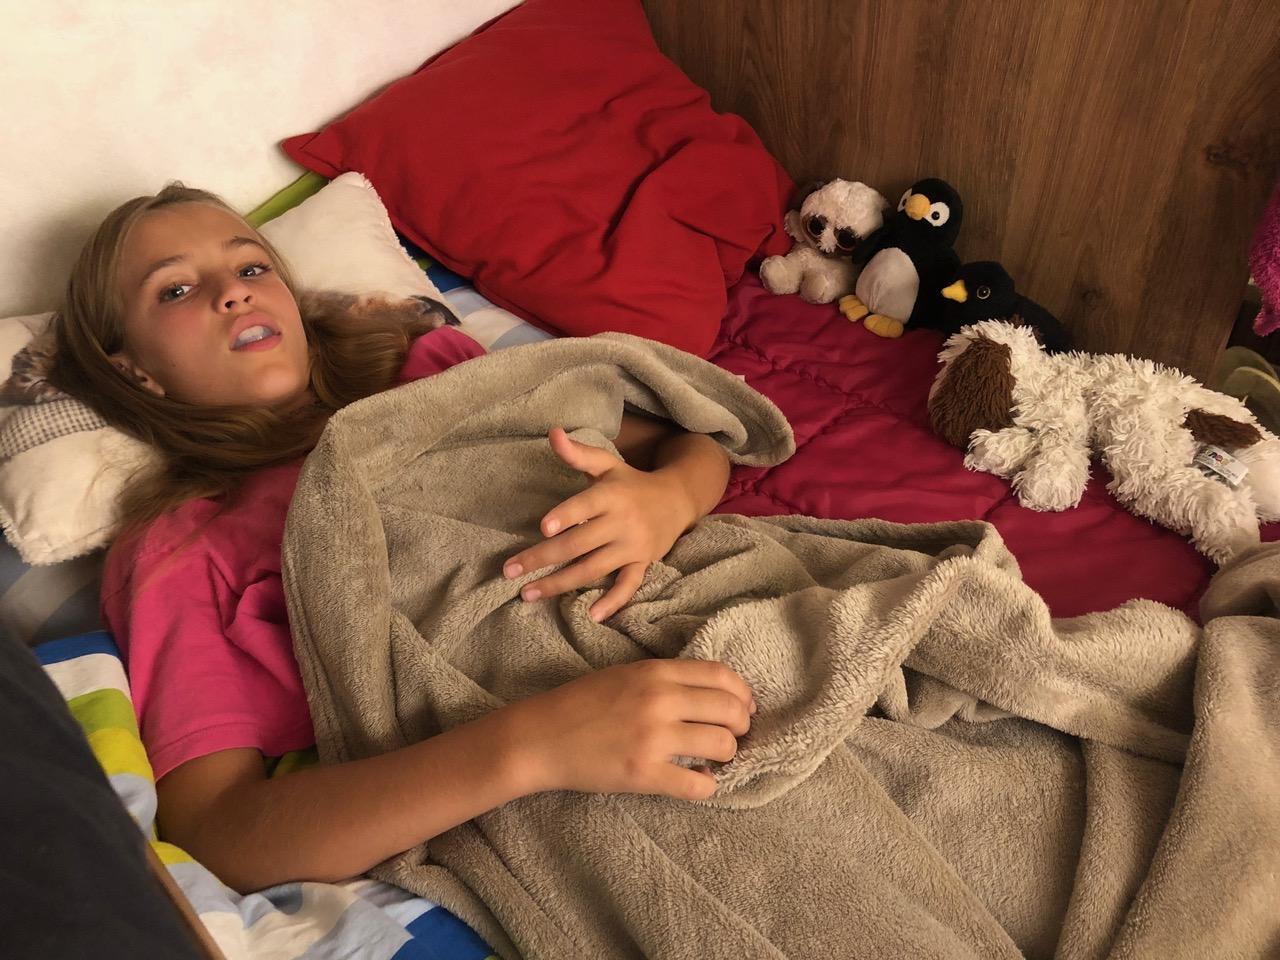 Good night Teddy's